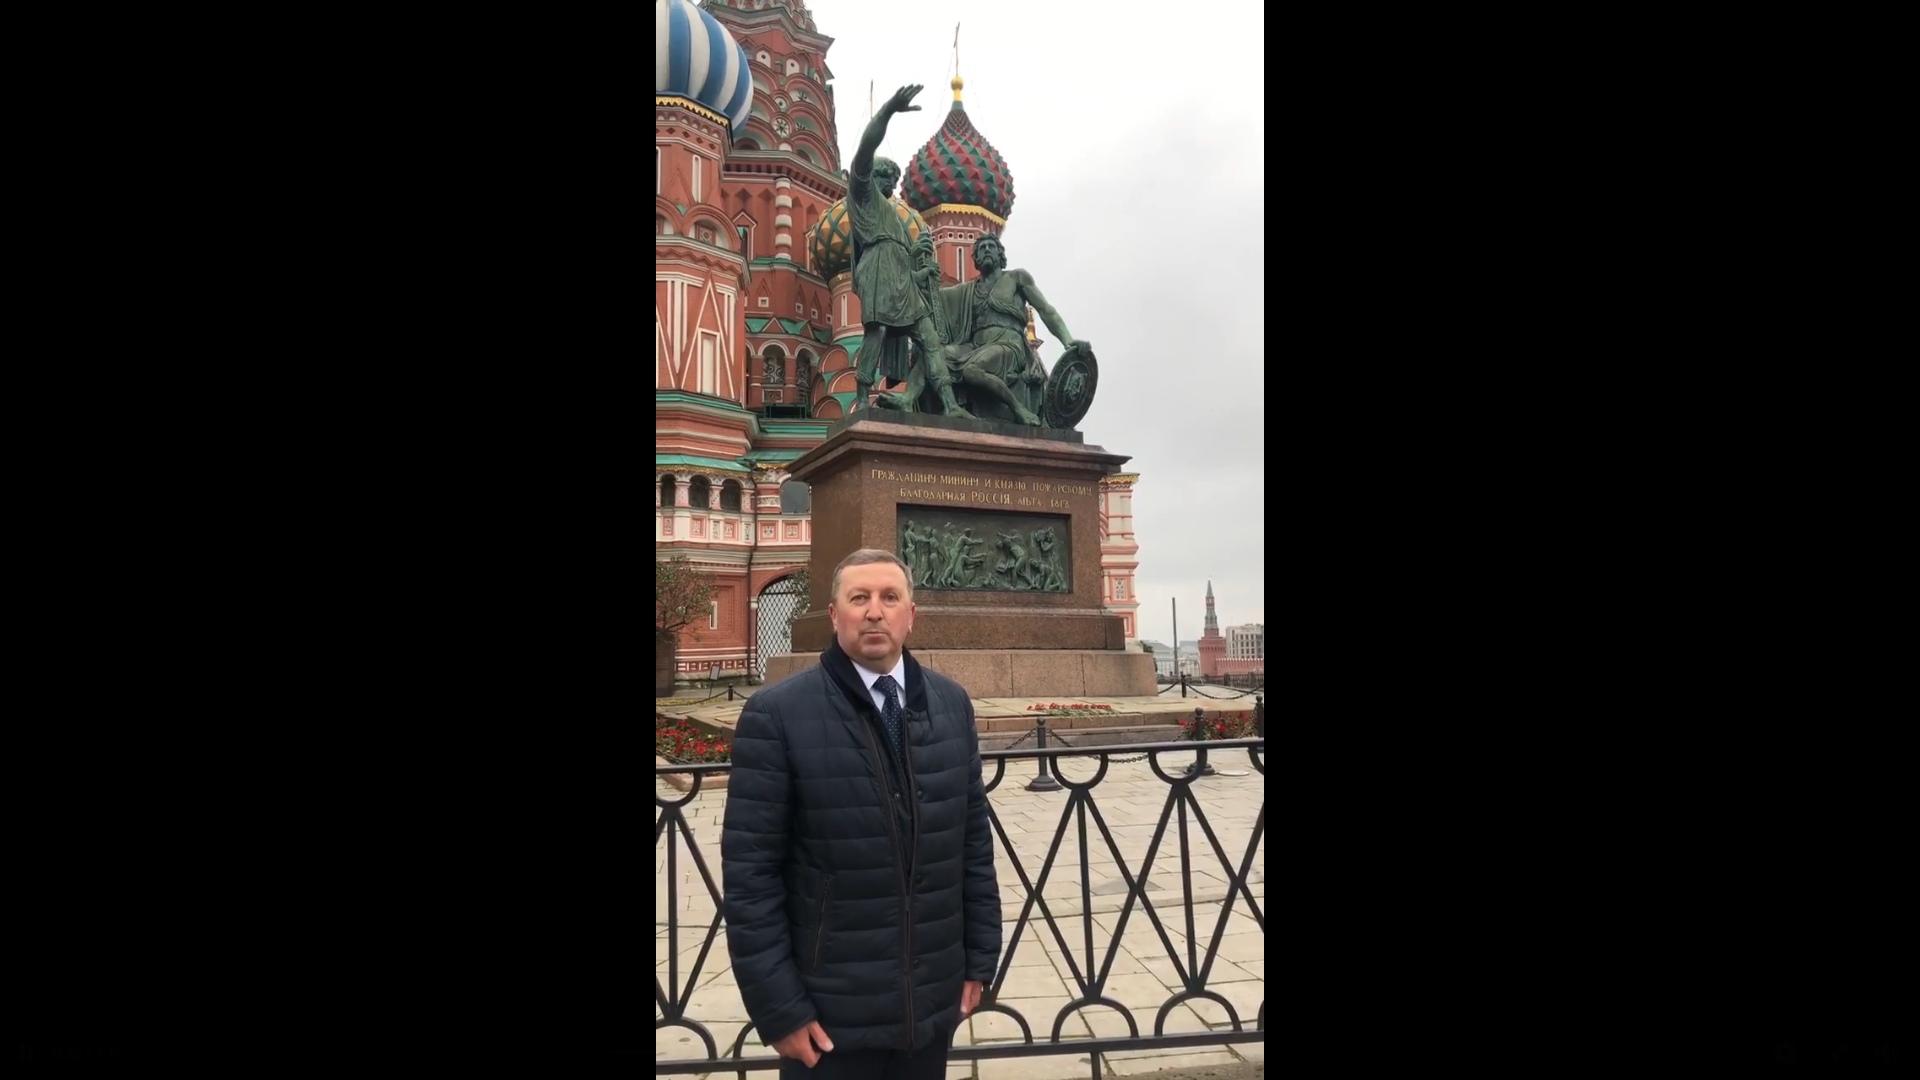 Два праздника слились воедино: Сергей Березкин записал видеопоздравление к ярославцам у памятника Минину и Пожарскому